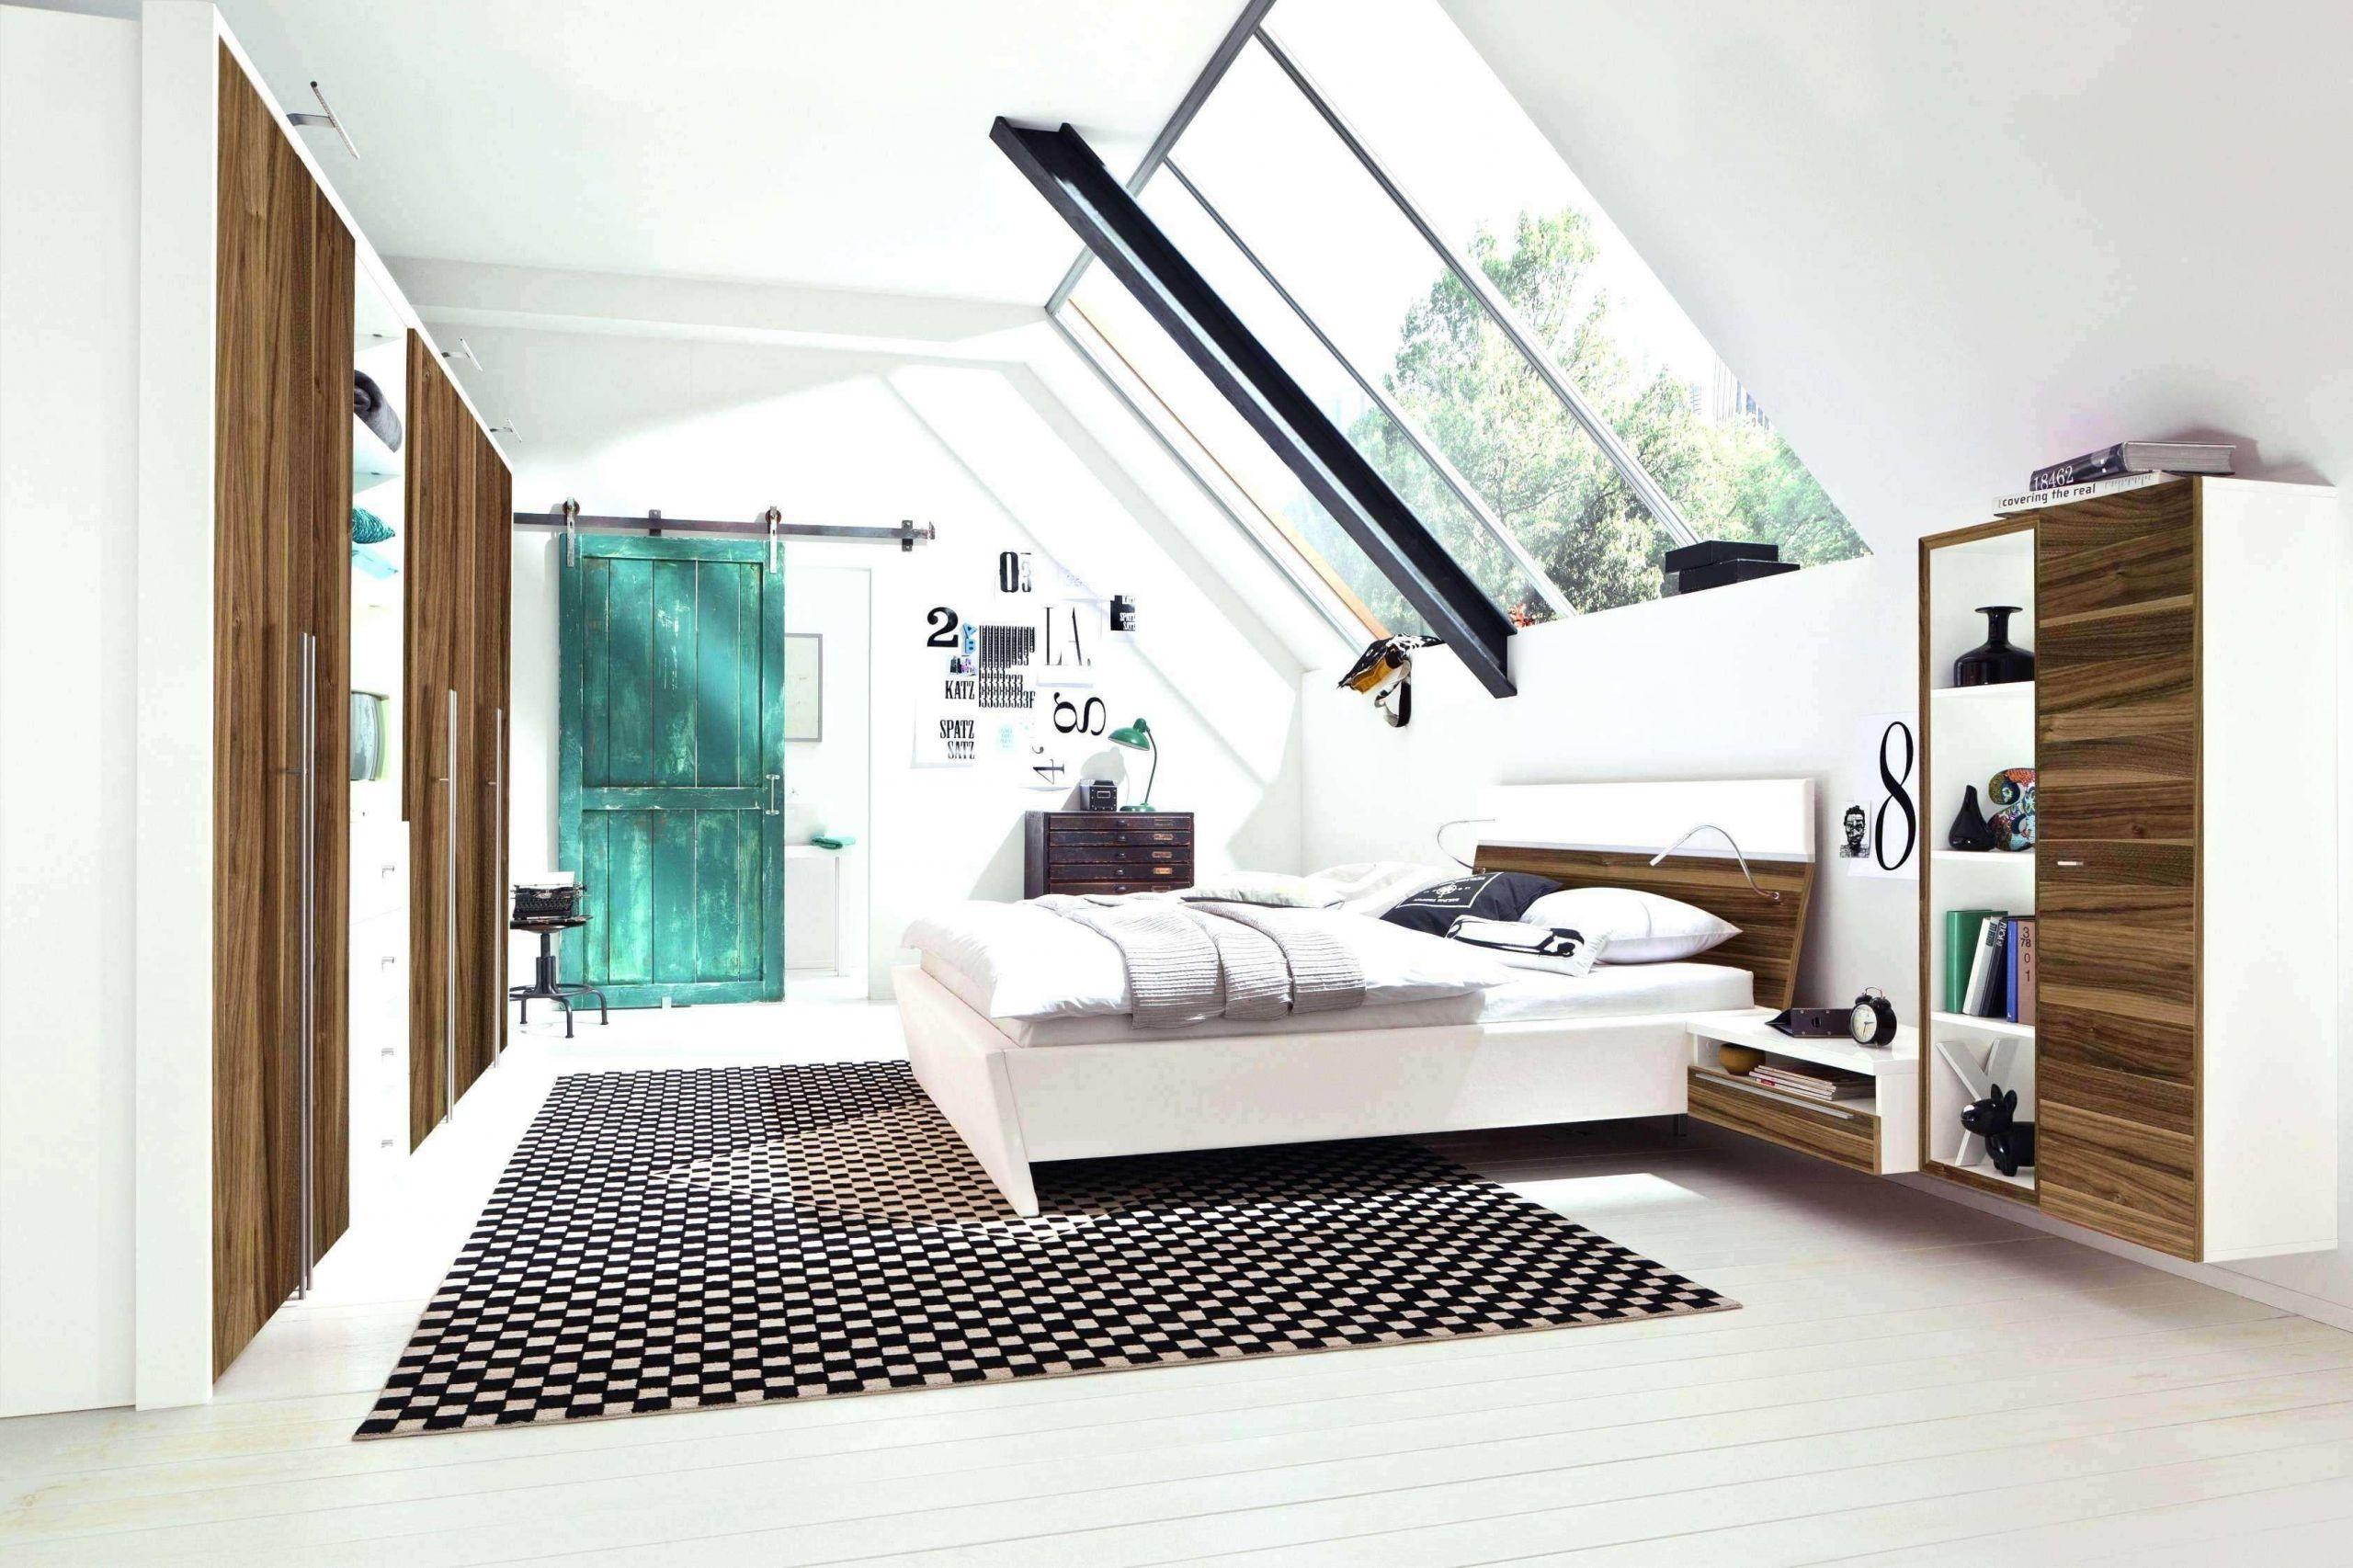 wanddekoration ideen wohnzimmer reizend wanddekoration ideen wohnzimmer das beste von 45 genial of wanddekoration ideen wohnzimmer